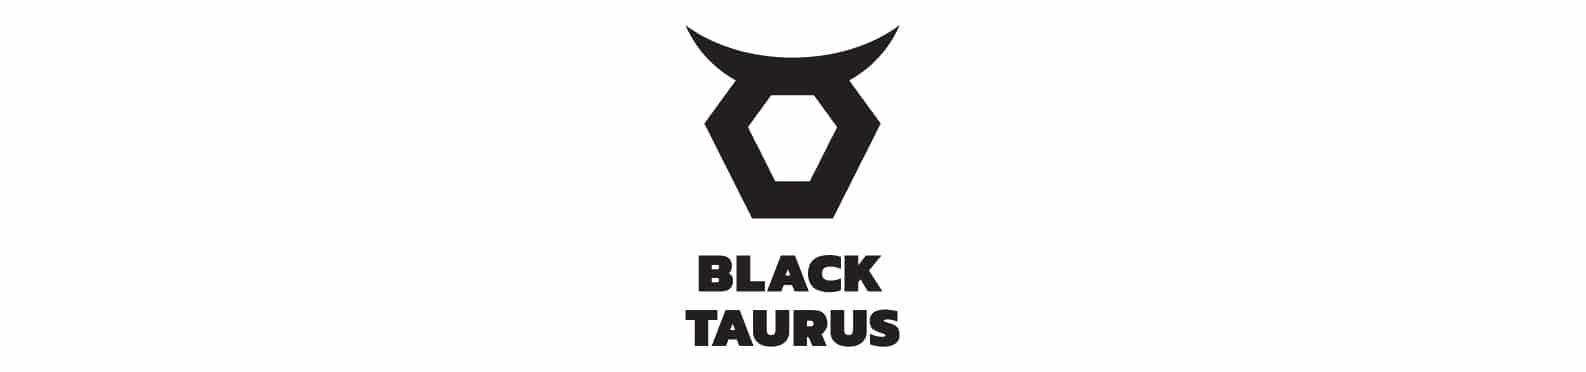 Black Taurus